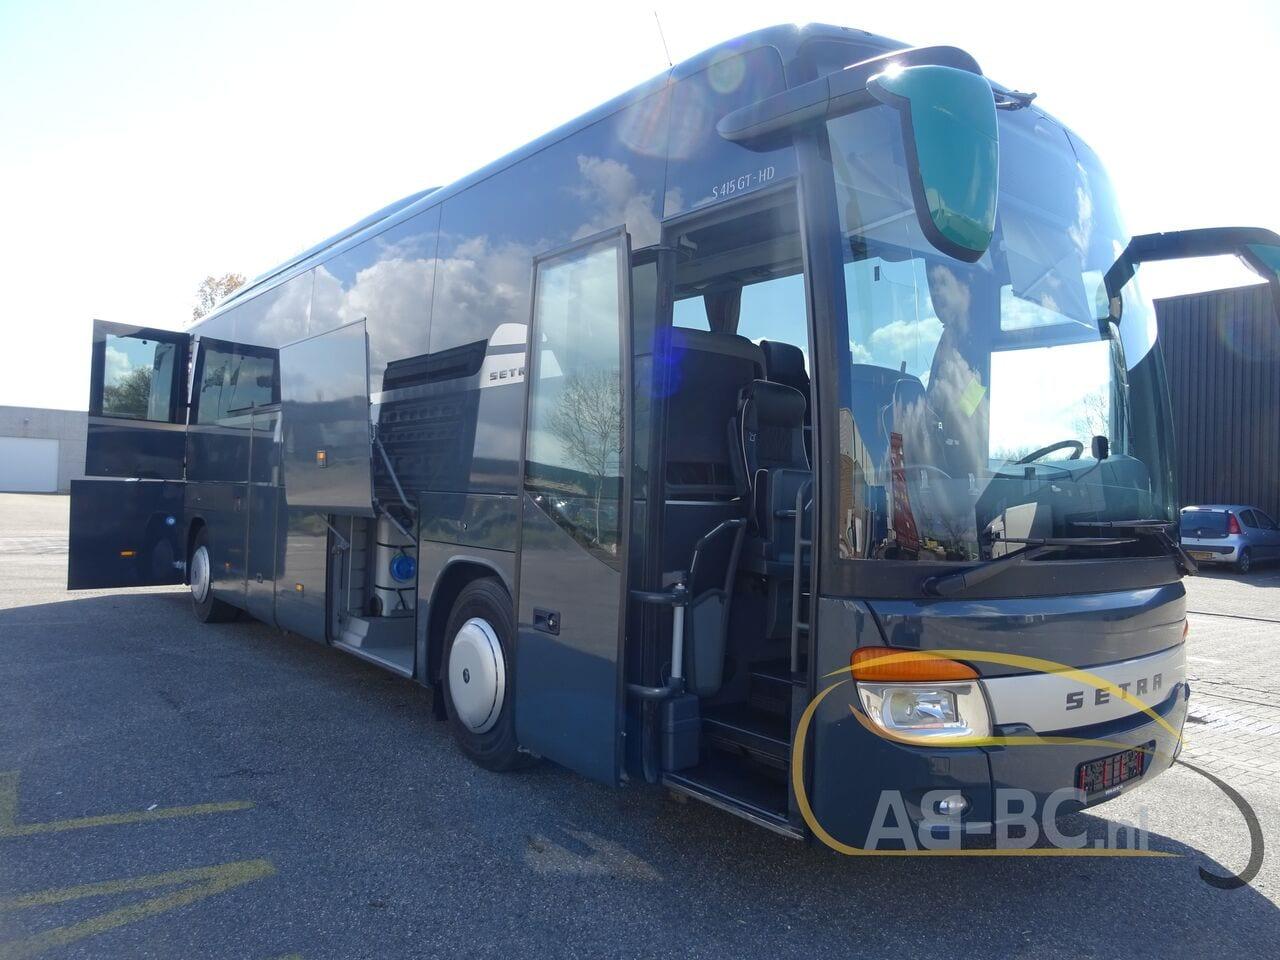 coach-busSETRA-S415-GT-HD-FINAL-EDITION-51-SEATS-LIFTBUS---1620381776600012177_big_0d92b4ddd97911d38ded55d2d1fca922--21050713010665719300